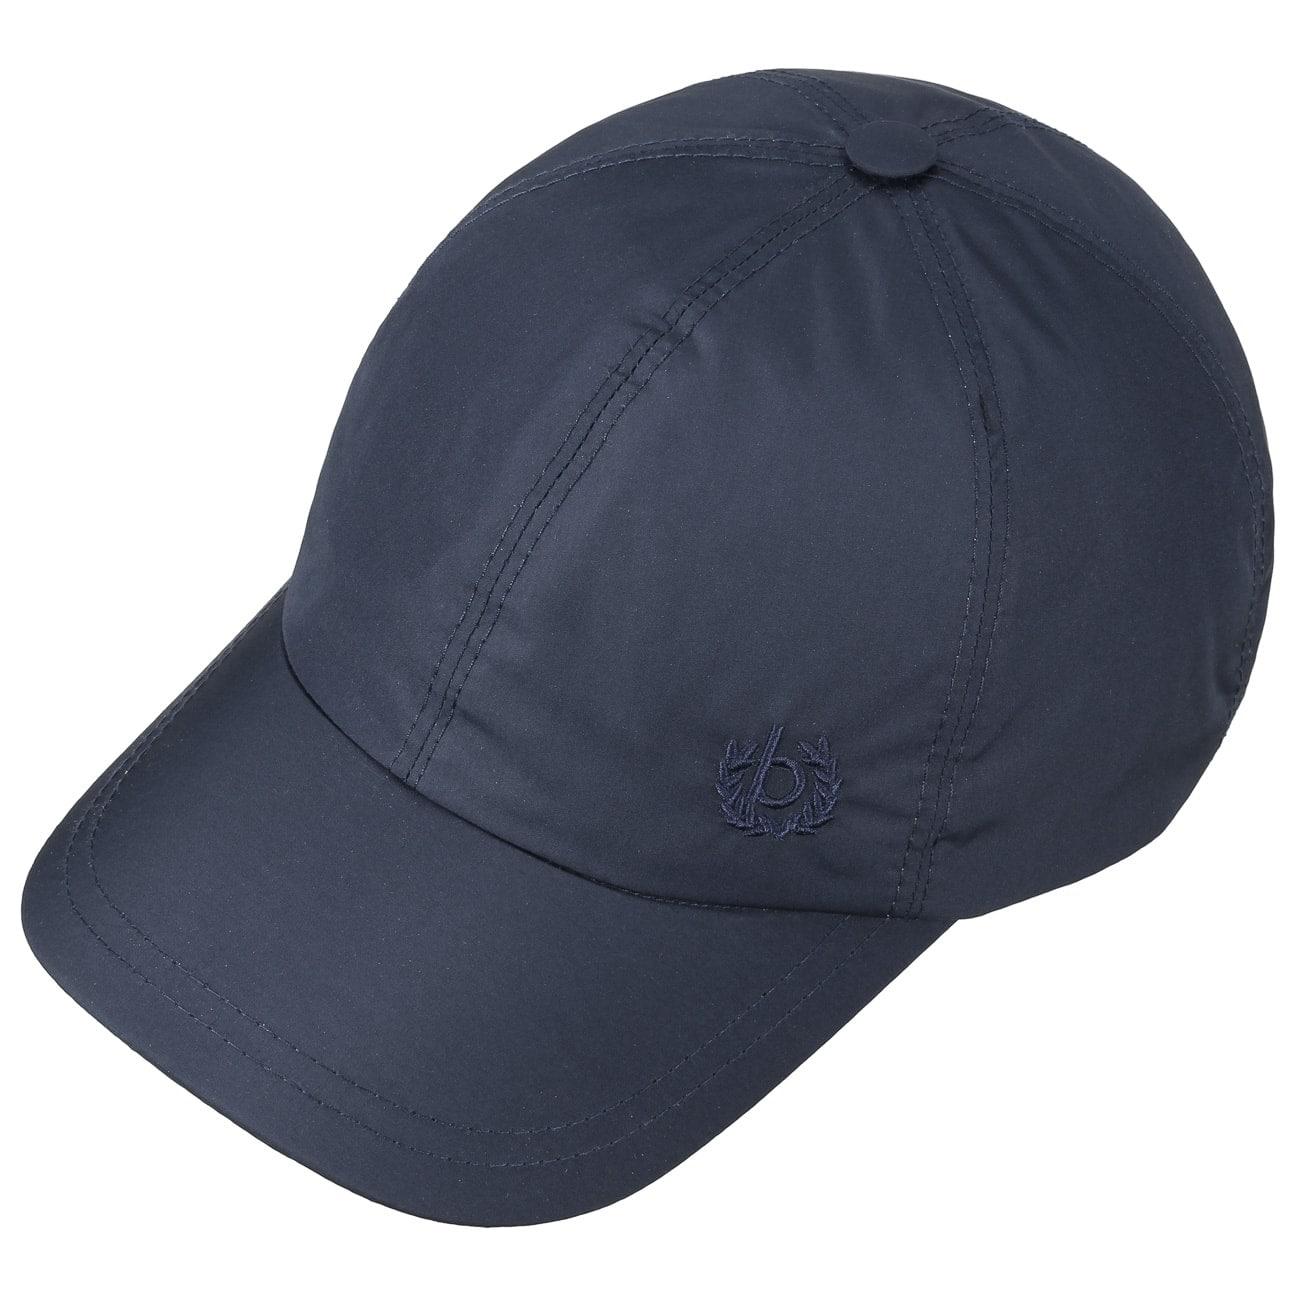 ... Casual Gore-Tex Baseball Cap by bugatti - blu 2 ... 7a28a21268ef